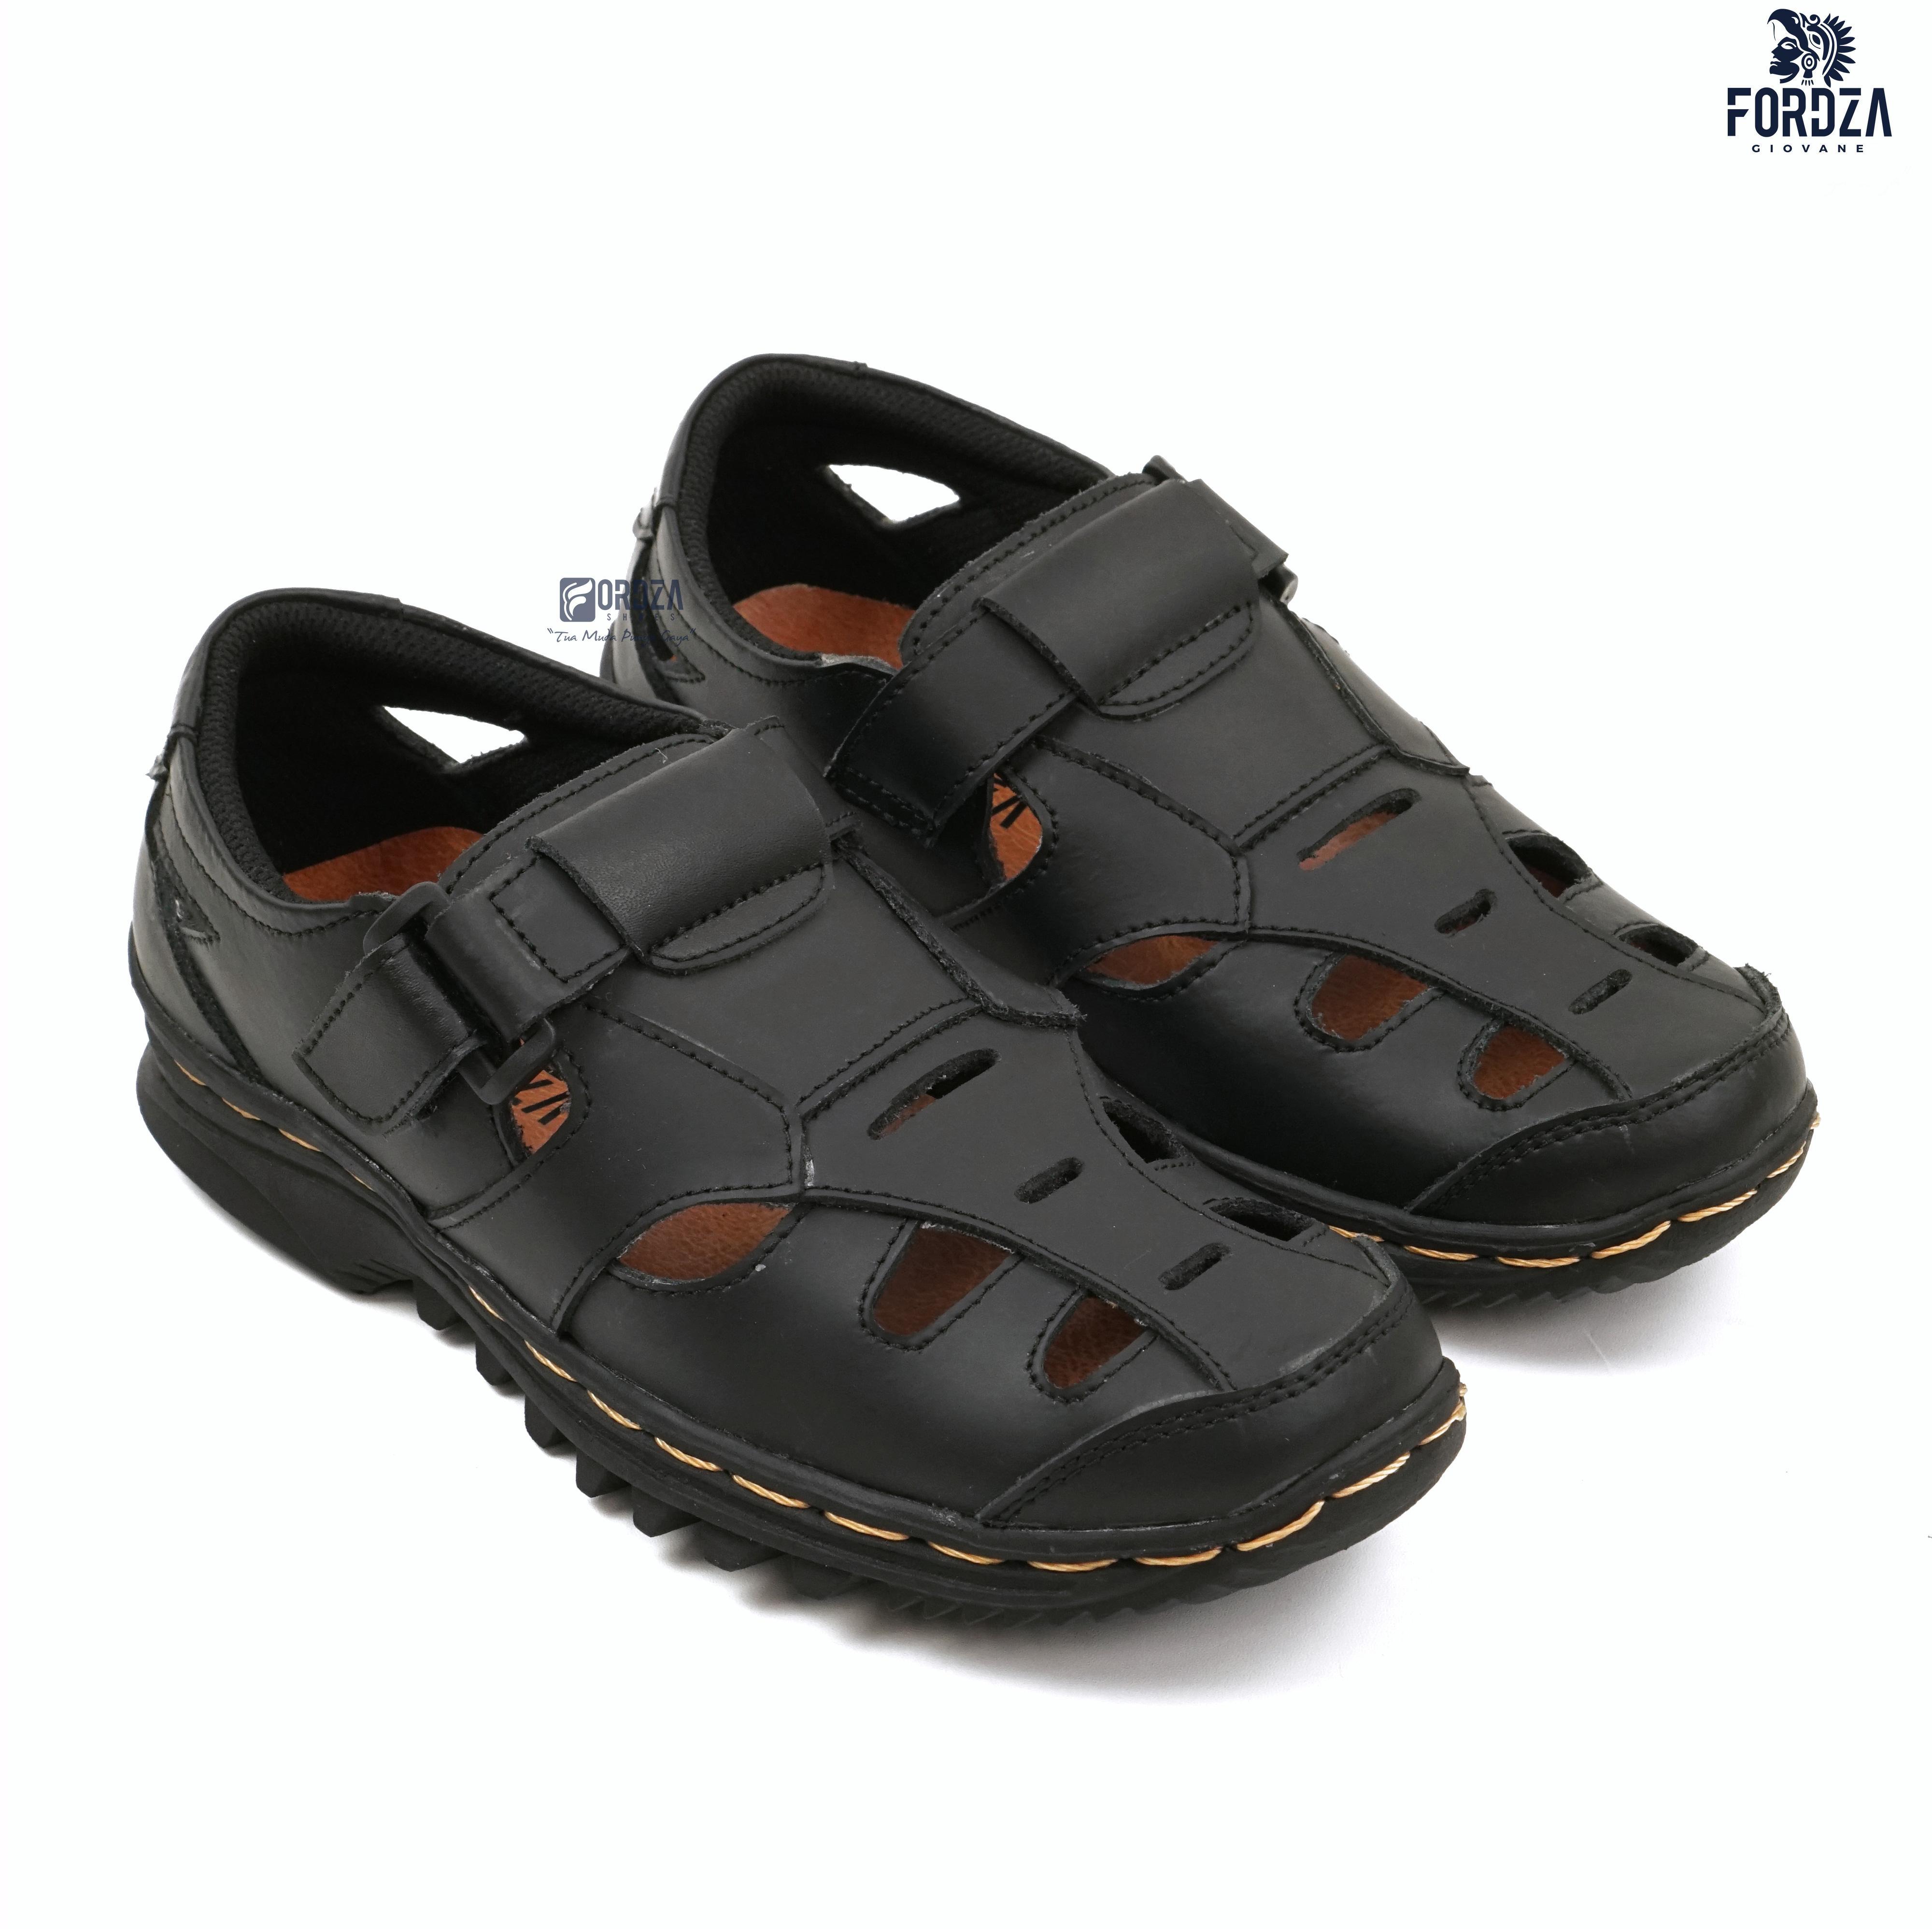 sepatu sandal pria kulit asli breathable like fisherman sandal 302